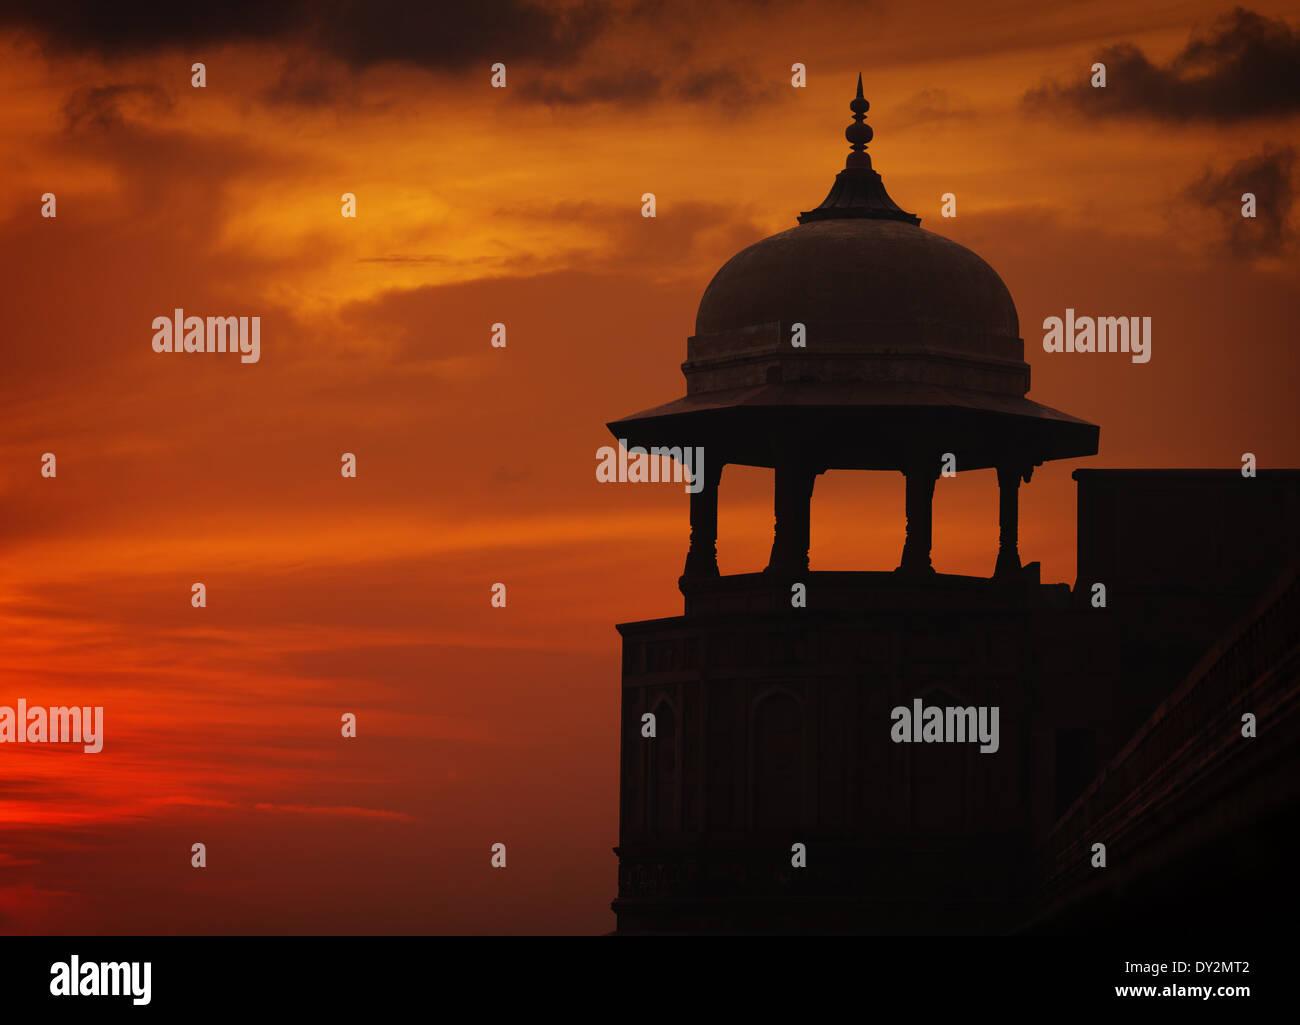 Silhouette di stile Asiatico torre sul Cielo di tramonto sfondo rosso, Ford, Agra, India Immagini Stock